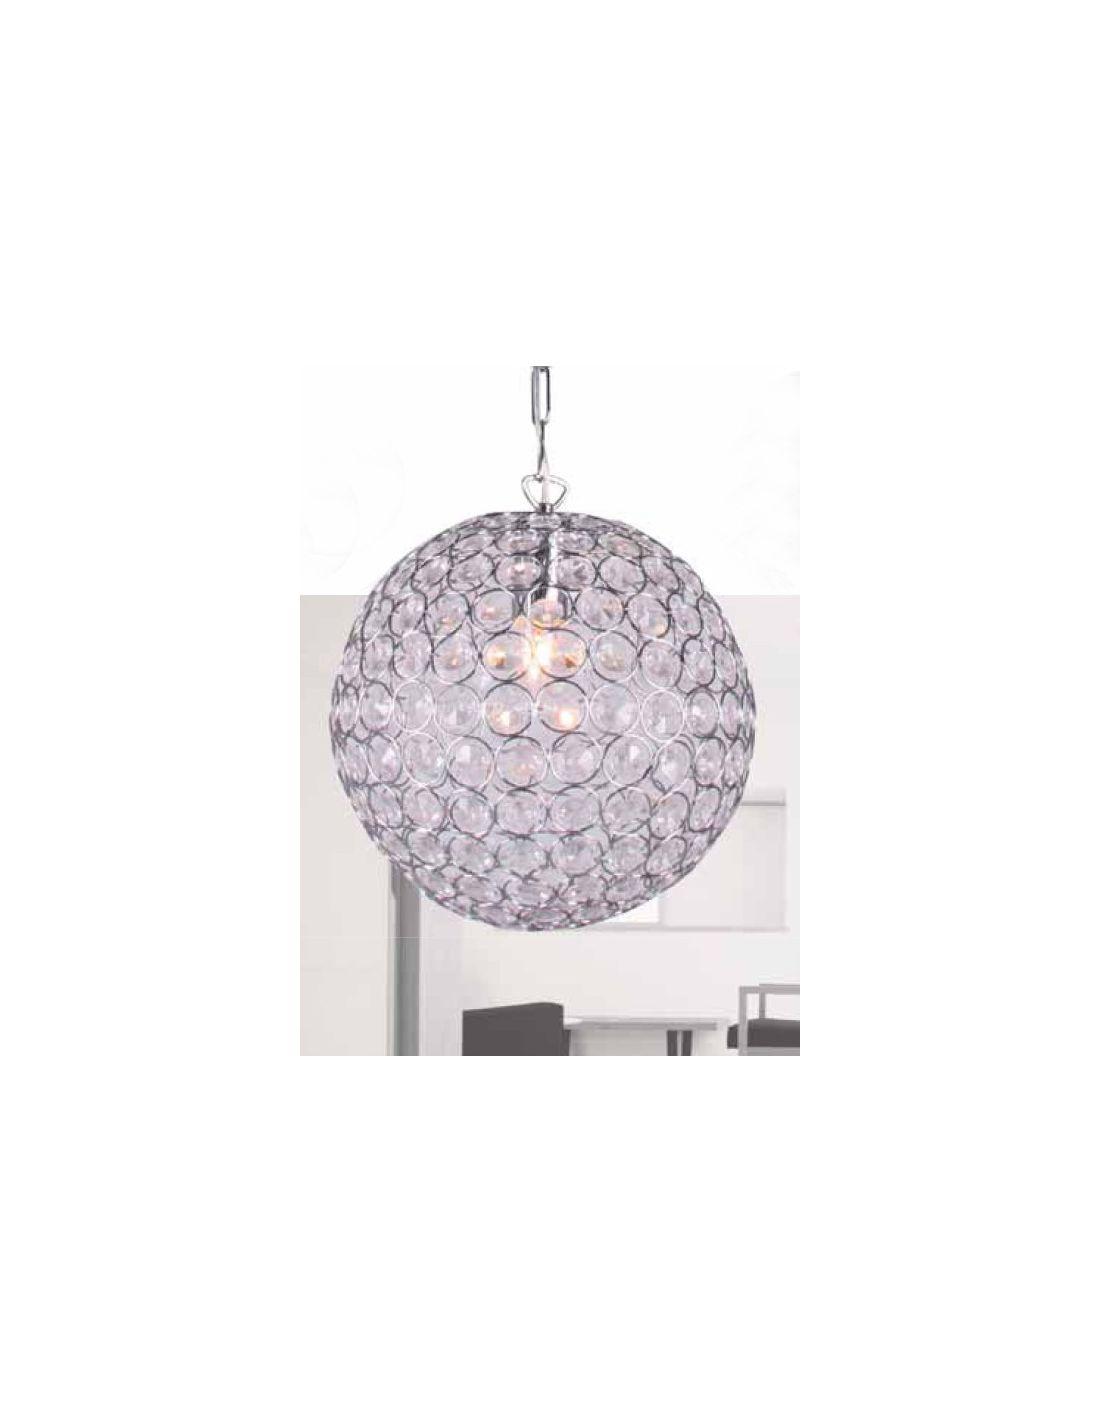 lamparas dise o ideas iluminacion iluminacion dise o